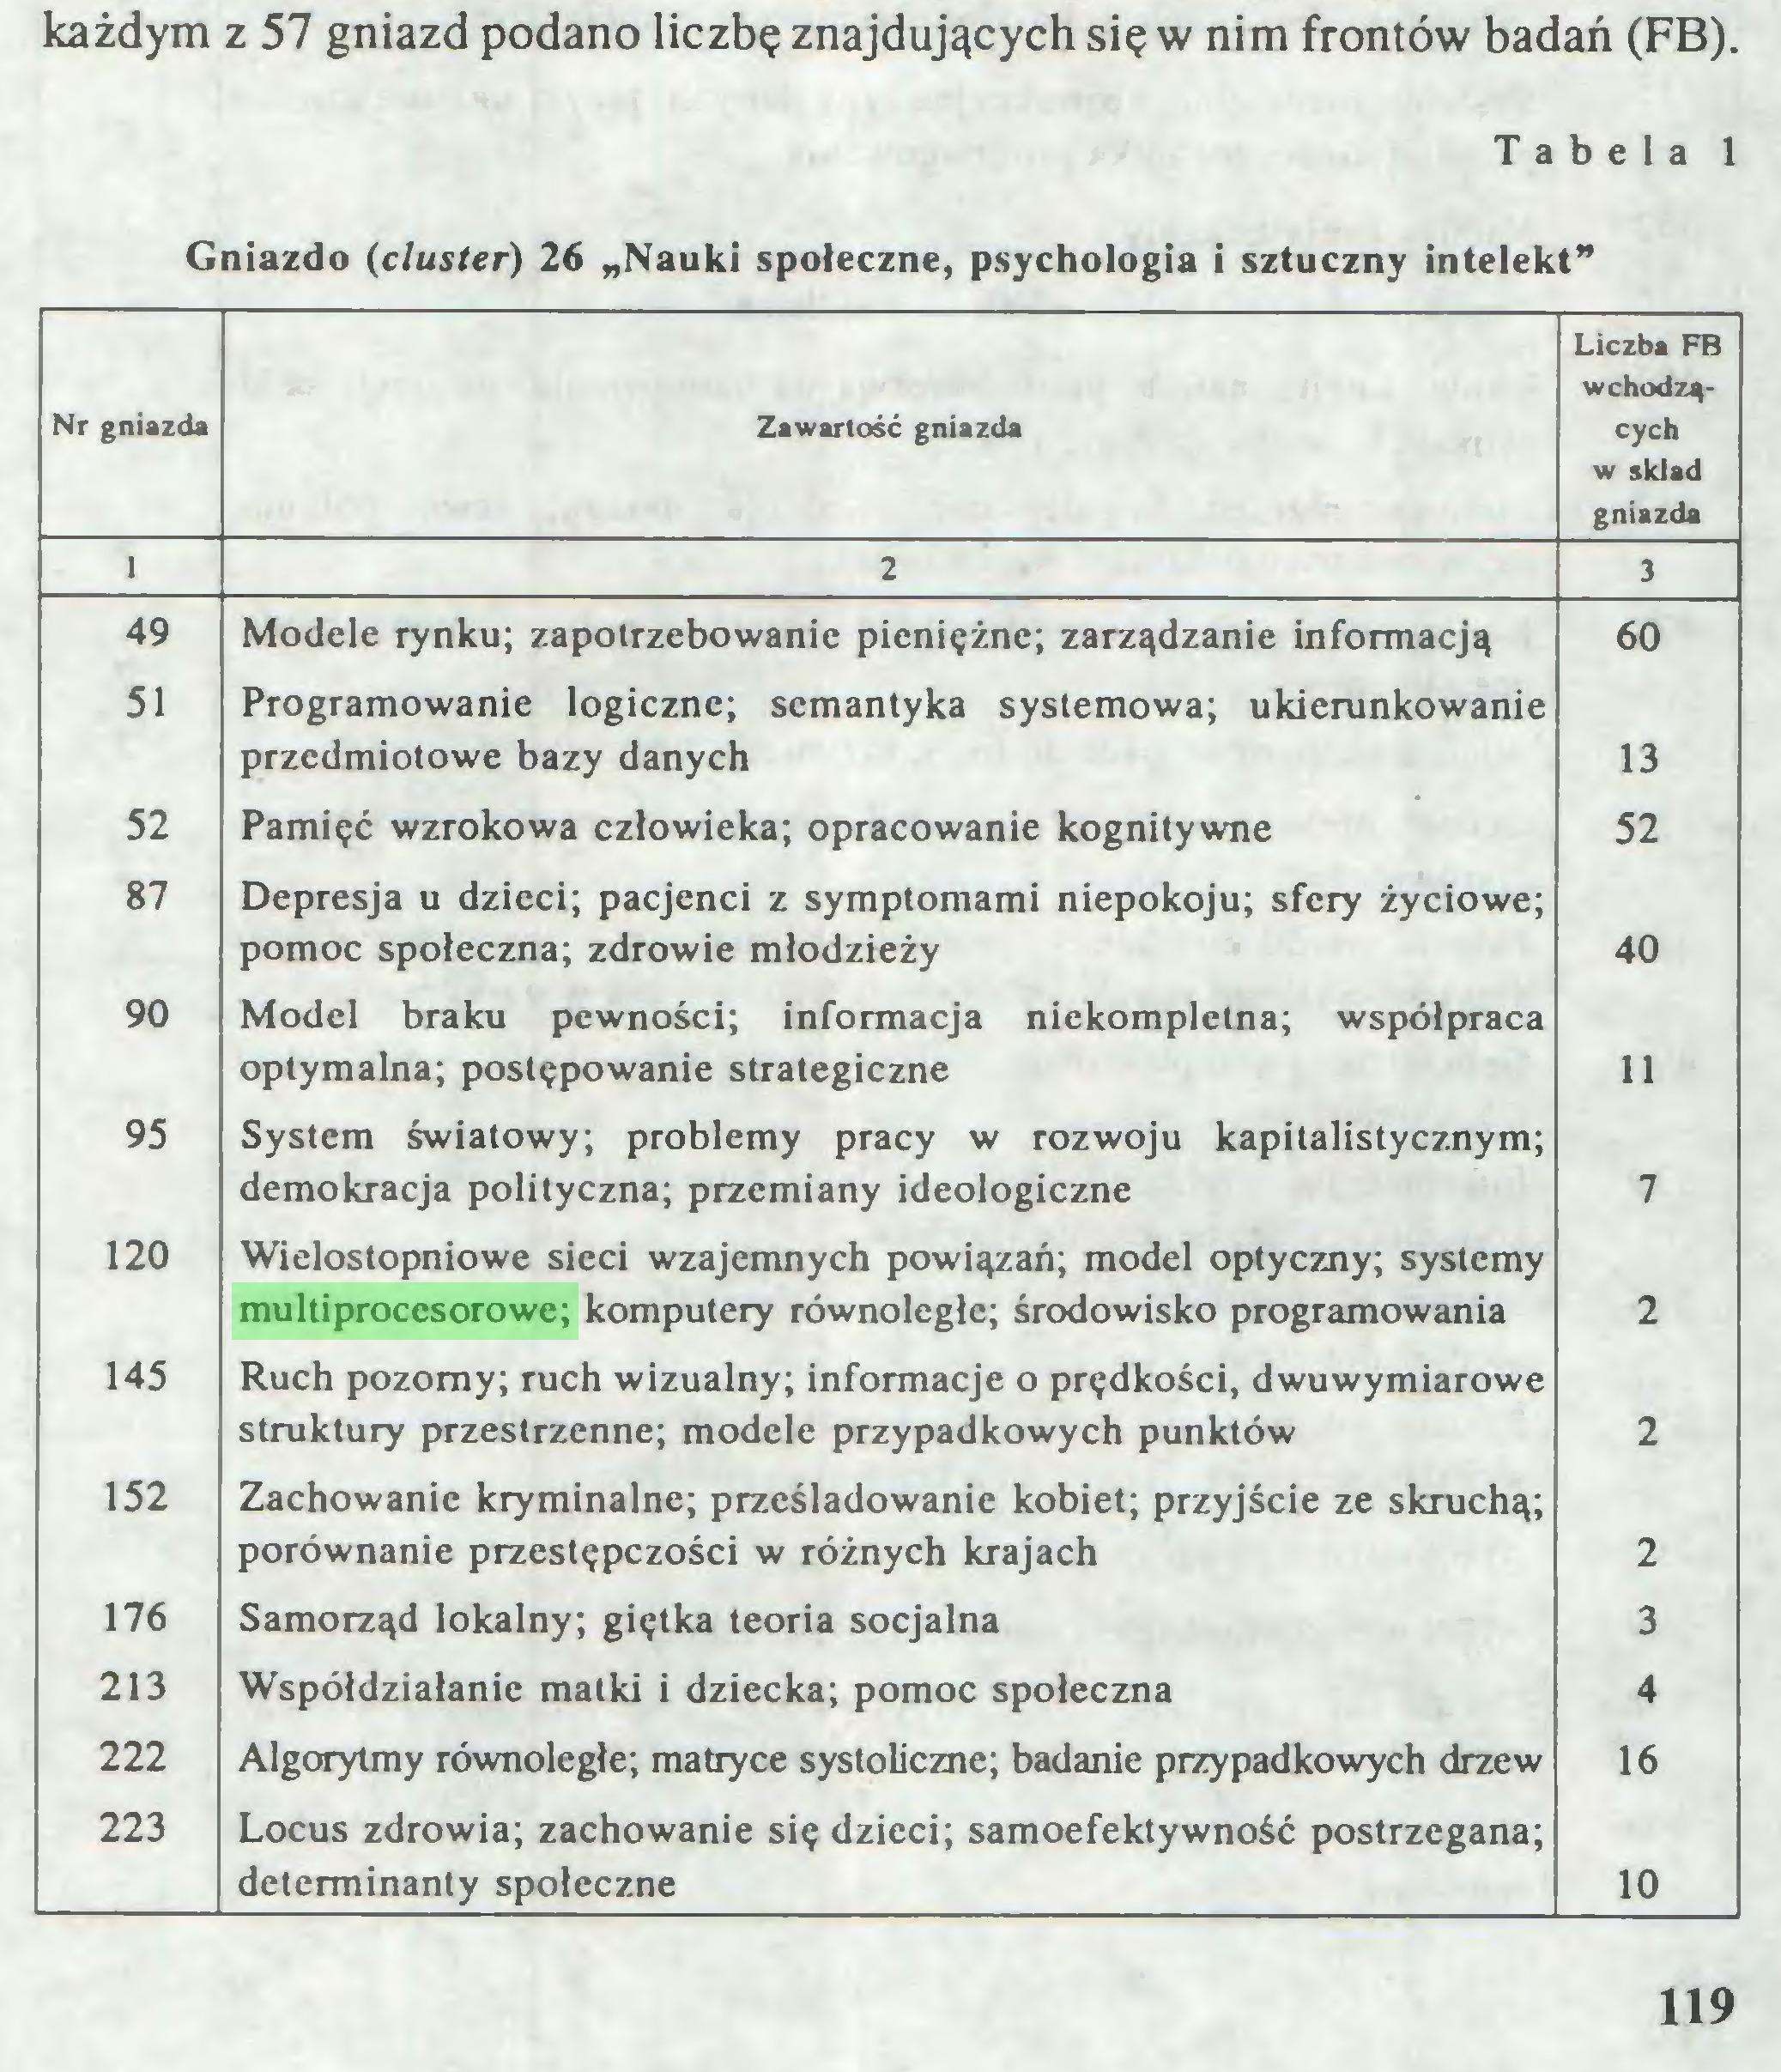 """(...) każdym z 57 gniazd podano liczbę znajdujących się w nim frontów badań (FB). Tabela 1 Gniazdo (cluster) 26 """"Nauki społeczne, psychologia i sztuczny intelekt"""" Nr gniazda Zawartość gniazda Liczba FB wchodzących w skład gniazda 1 2 3 49 Modele rynku; zapotrzebowanie pieniężne; zarządzanie informacją 60 51 Programowanie logiczne; semantyka systemowa; ukierunkowanie przedmiotowe bazy danych 13 52 Pamięć wzrokowa człowieka; opracowanie kognitywne 52 87 Depresja u dzieci; pacjenci z symptomami niepokoju; sfery życiowe; pomoc społeczna; zdrowie młodzieży 40 90 Model braku pewności; informacja niekompletna; współpraca optymalna; postępowanie strategiczne 11 95 System światowy; problemy pracy w rozwoju kapitalistycznym; demokracja polityczna; przemiany ideologiczne 7 120 Wielostopniowe sieci wzajemnych powiązań; model optyczny; systemy multiprocesorowe; komputery równoległe; środowisko programowania 2 145 Ruch pozorny; ruch wizualny; informacje o prędkości, dwuwymiarowe struktury przestrzenne; modele przypadkowych punktów 2 152 Zachowanie kryminalne; prześladowanie kobiet; przyjście ze skruchą; porównanie przestępczości w różnych krajach 2 176 Samorząd lokalny; giętka teoria socjalna 3 213 Współdziałanie matki i dziecka; pomoc społeczna 4 222 Algorytmy równoległe; matryce systoliczne; badanie przypadkowych drzew 16 223 Locus zdrowia; zachowanie się dzieci; samoefektywność postrzegana; determinanty społeczne 10 119..."""